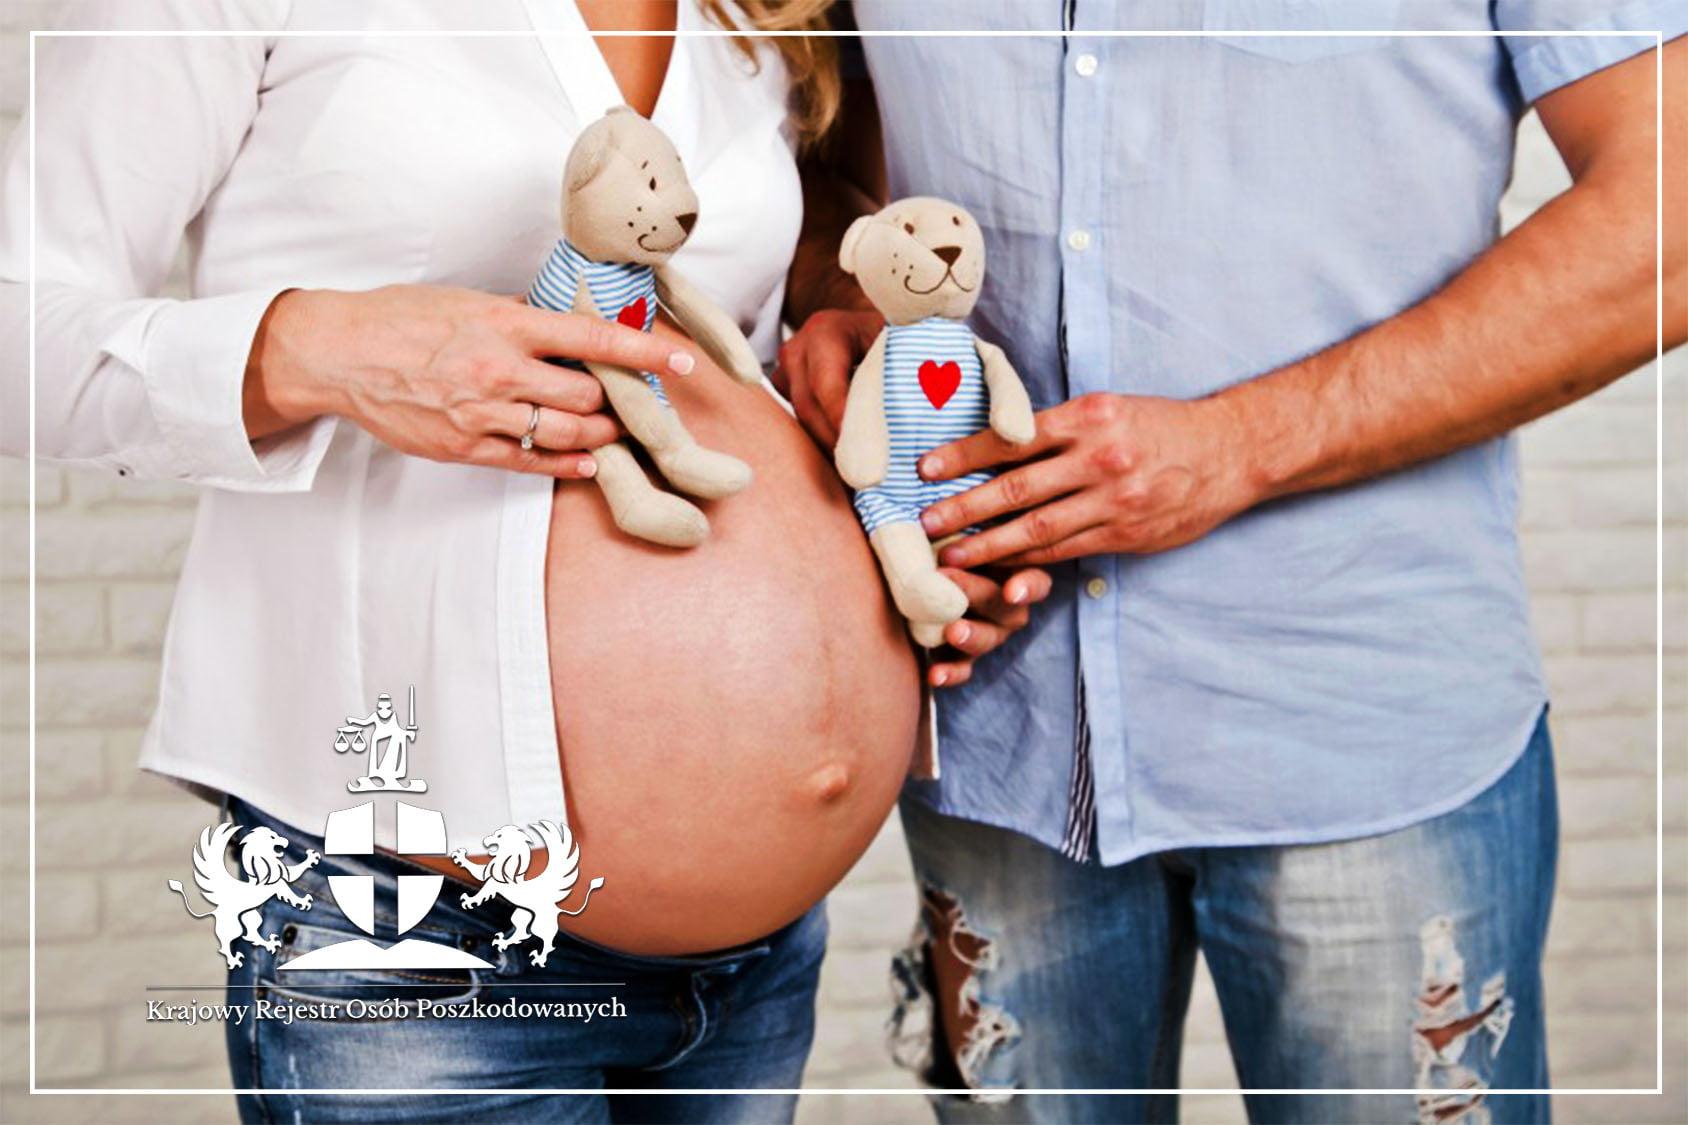 41 tydzień ciąży